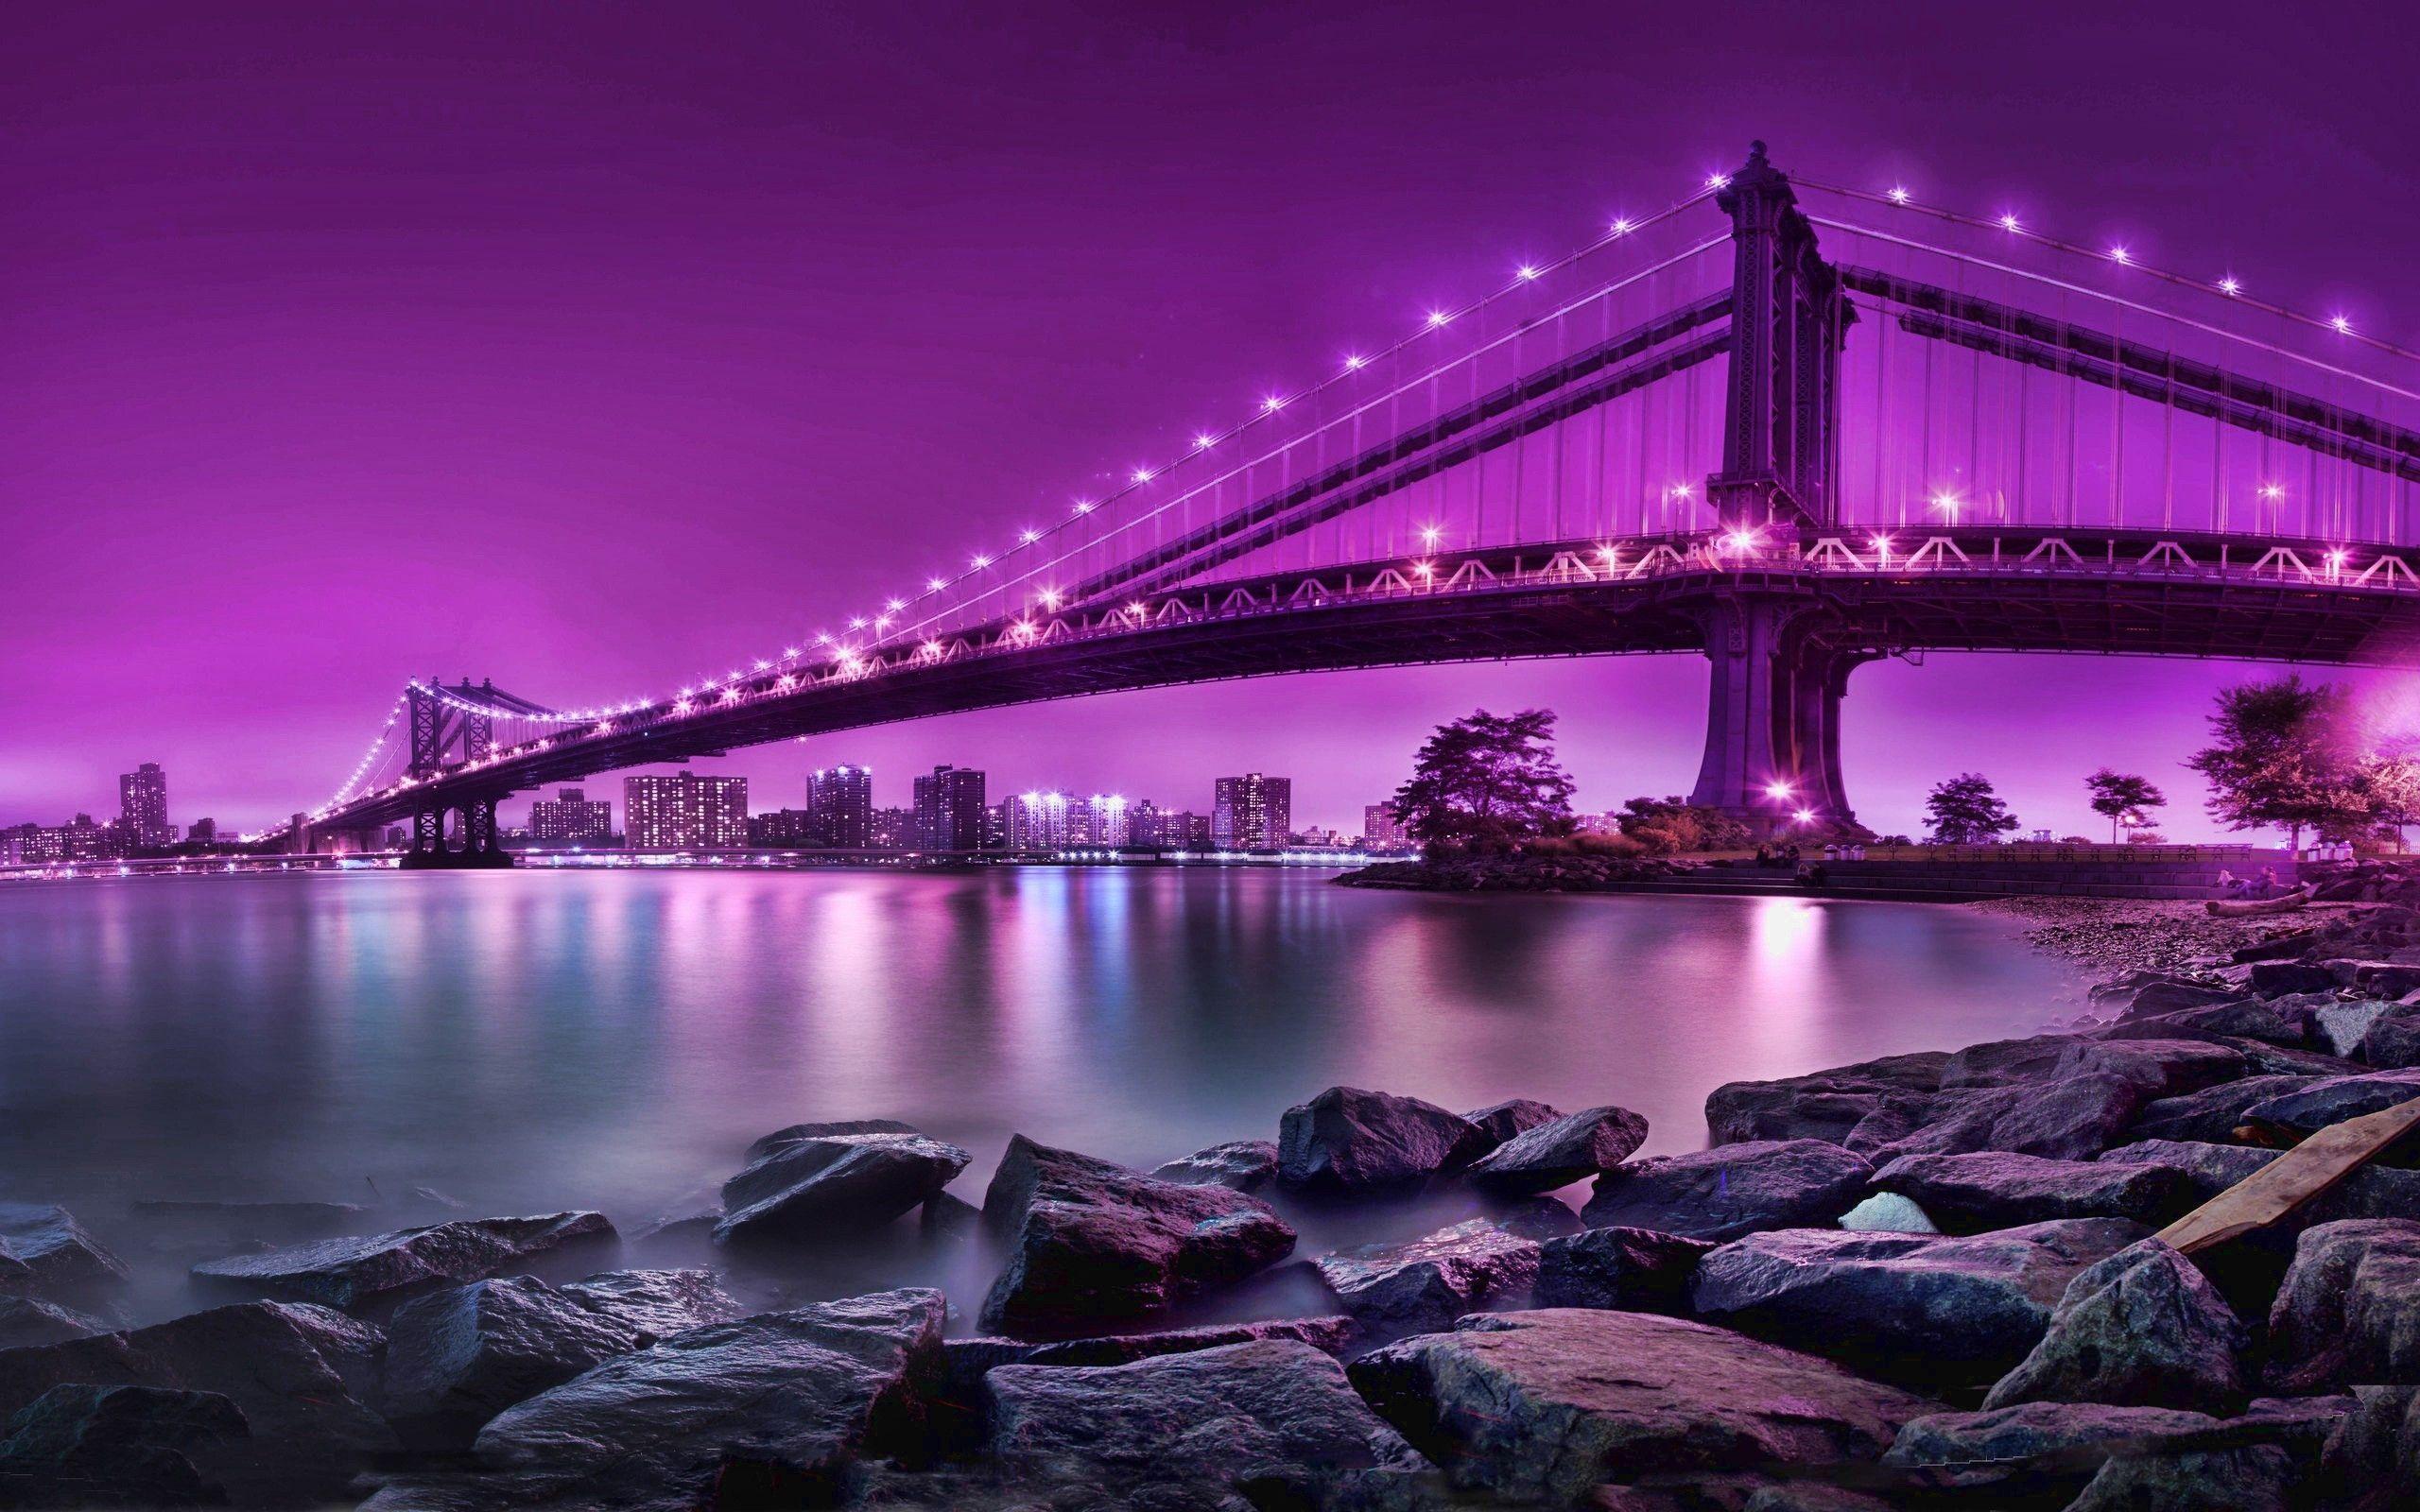 Lavender Wallpaper Water Cityscapes Purple Bridges City Skyline